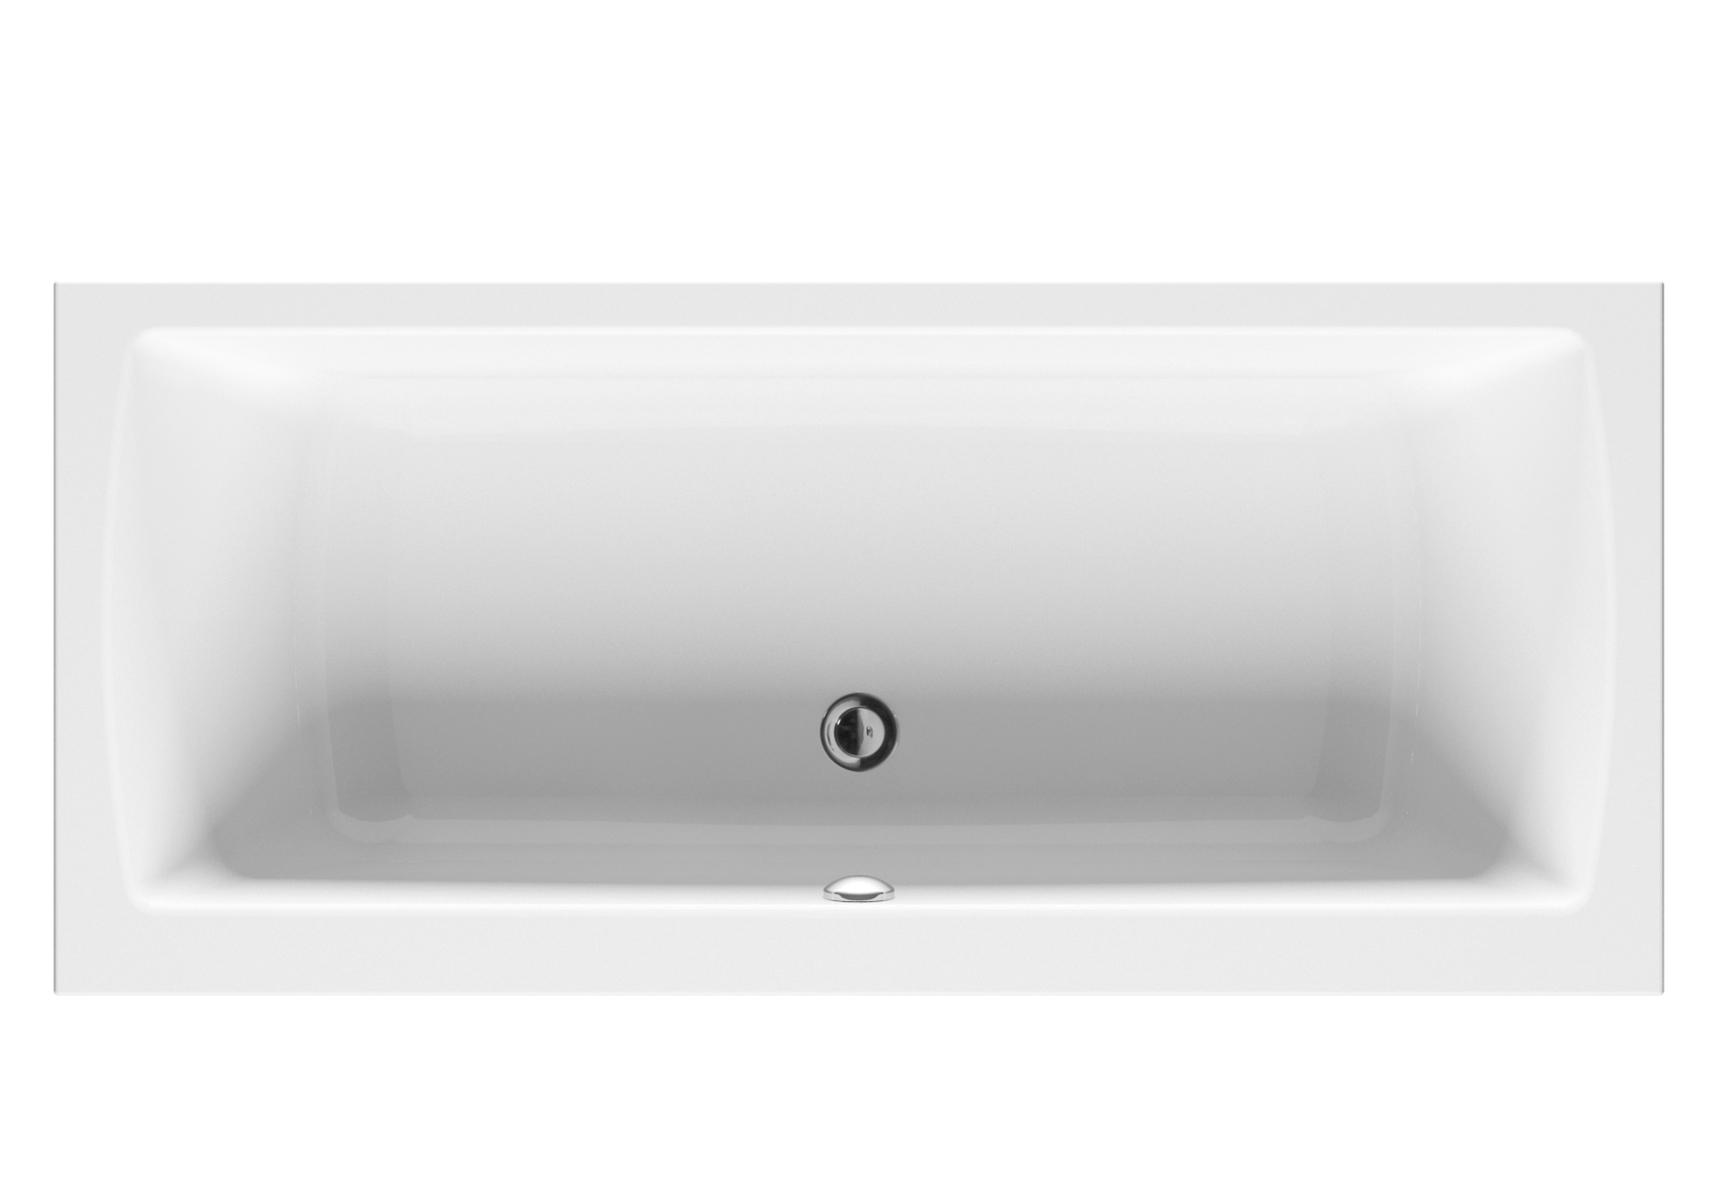 Integra baignoire ergonomique rectangulaire avec vidage central en acrylique 5 mm, 180  x  80 cm